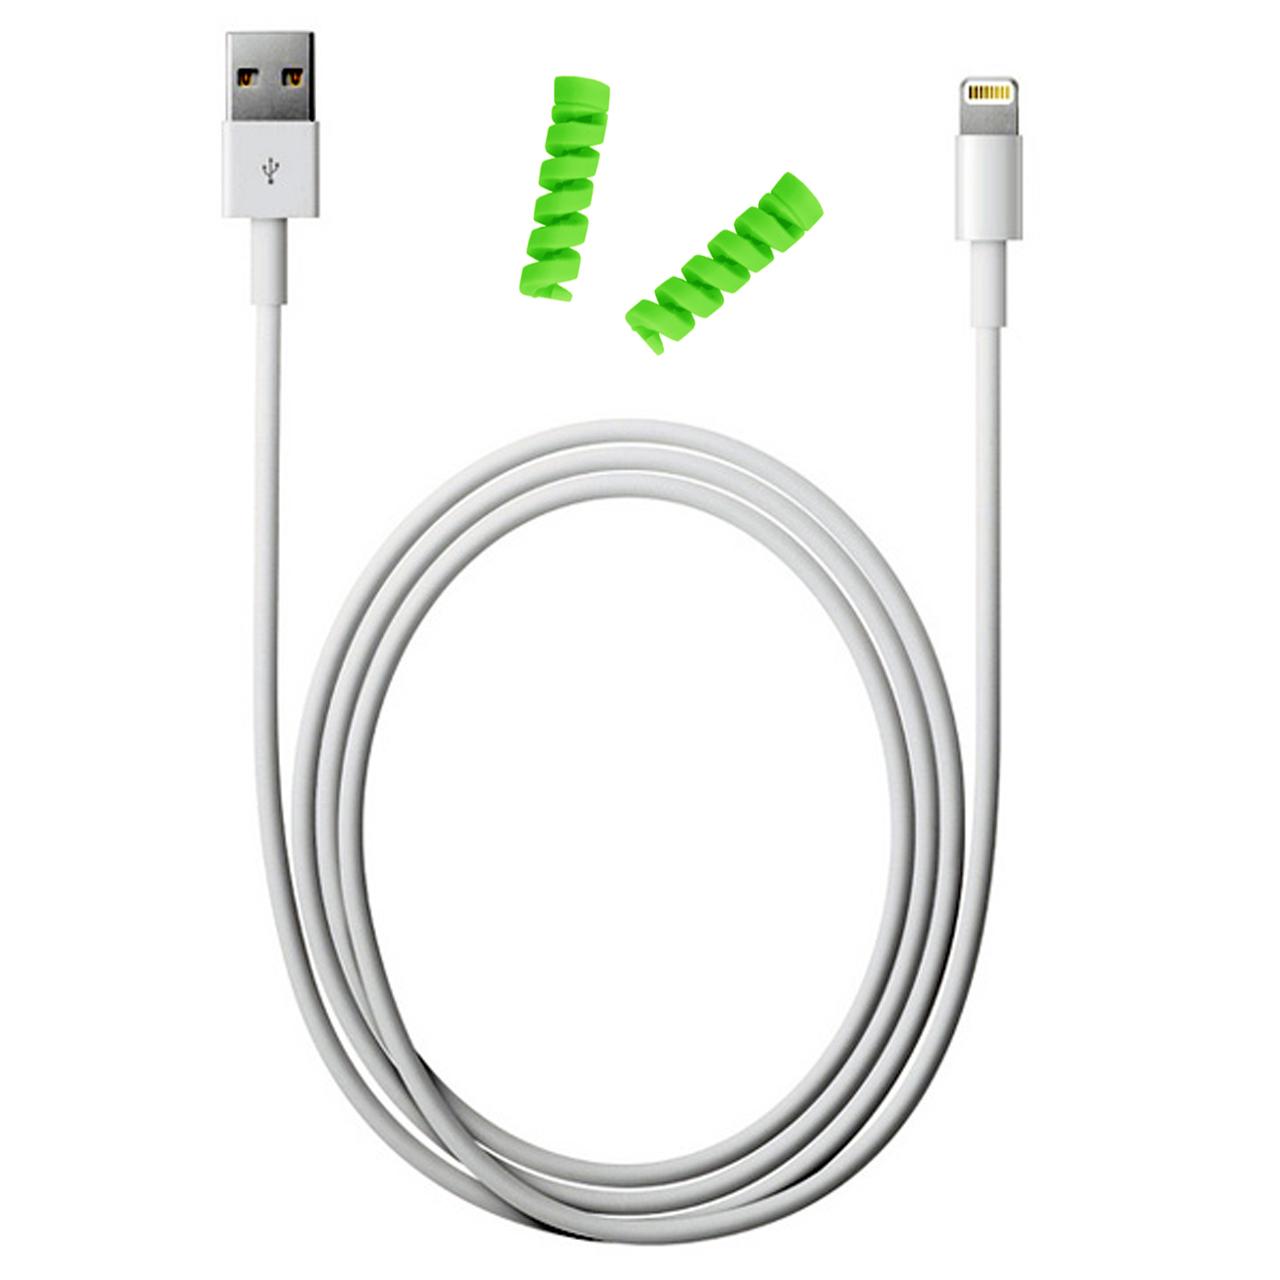 کابل شارژ آیفون USB به لایتنینگ مدل KL به طول 2 متر به همراه دو عدد محافظ کابل سیلیکونی              ( قیمت و خرید)